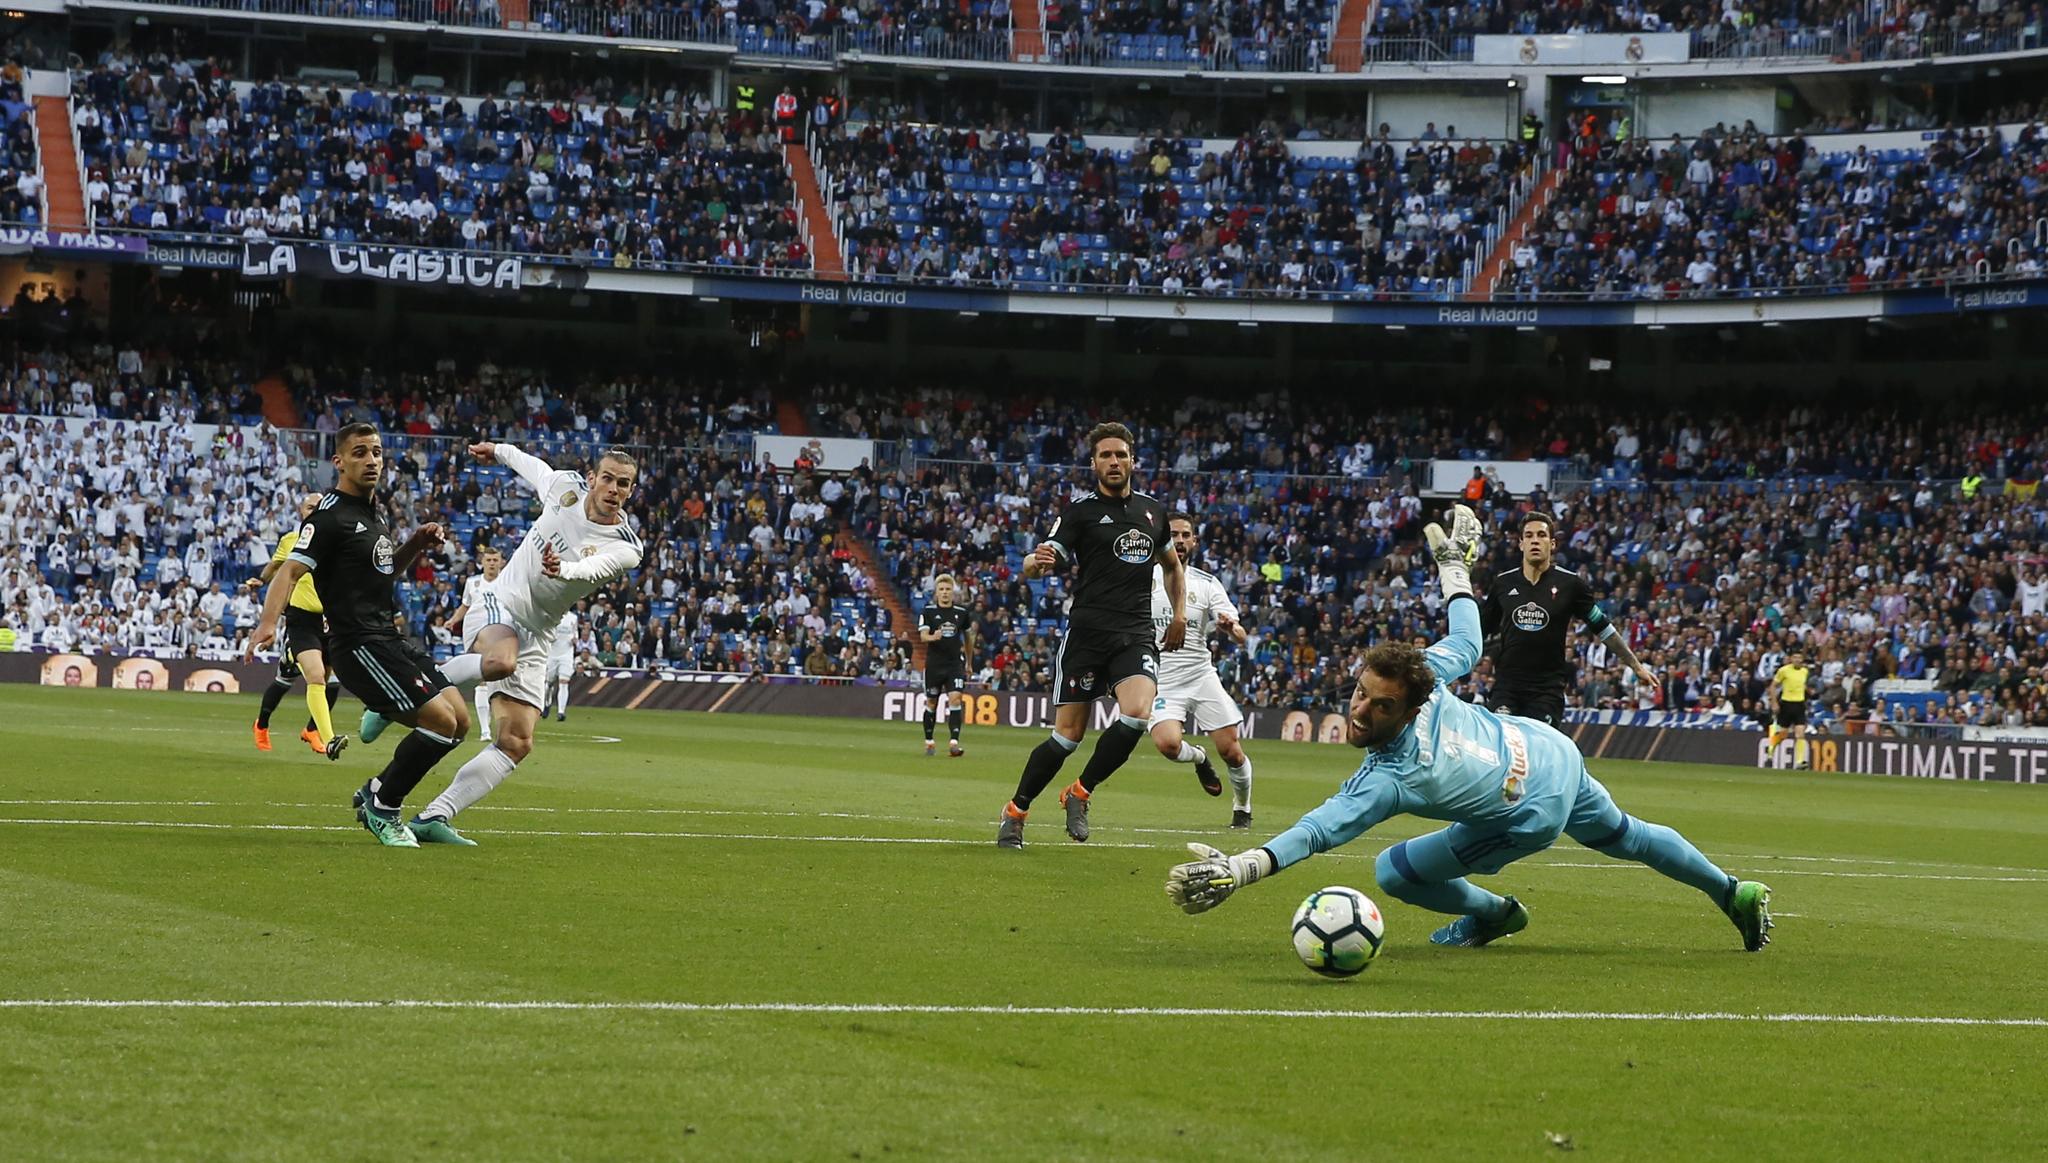 Real Madrid recibirá al Celta de Vigo por LaLiga Santander